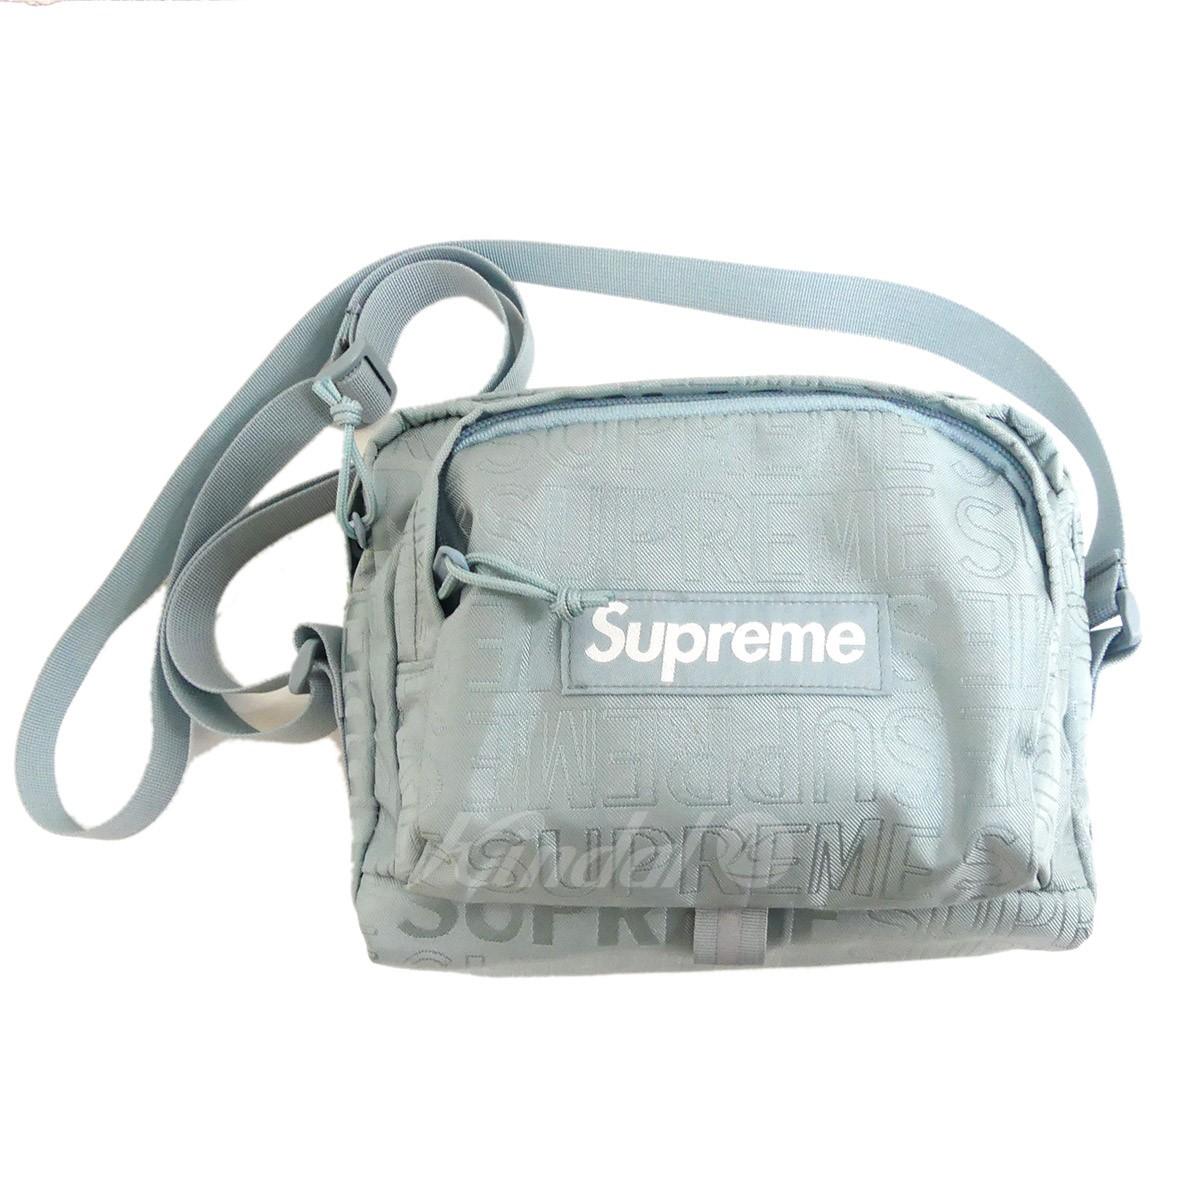 【中古】SUPREME 2019SS Shoulder Shoulder Bag ショルダーバッグ ショルダーバッグ ブルー Bag【130519】(シュプリーム), アザイチョウ:255f2e0e --- djcivil.org